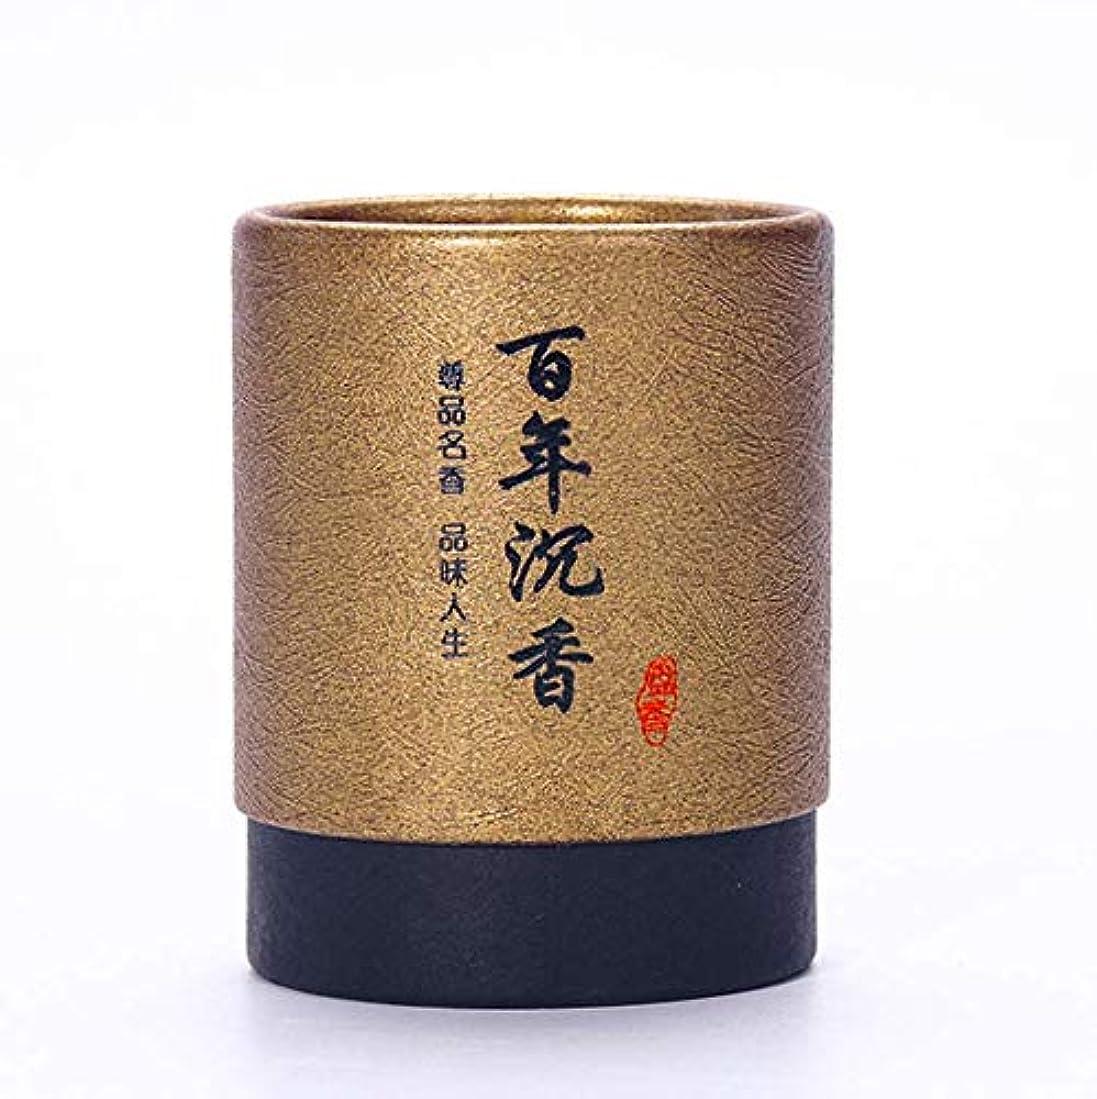 スツール穿孔する利点HwaGui お香 2時間 盤香 渦巻き線香 優しい香り 48巻入 沉香(百年沈香)